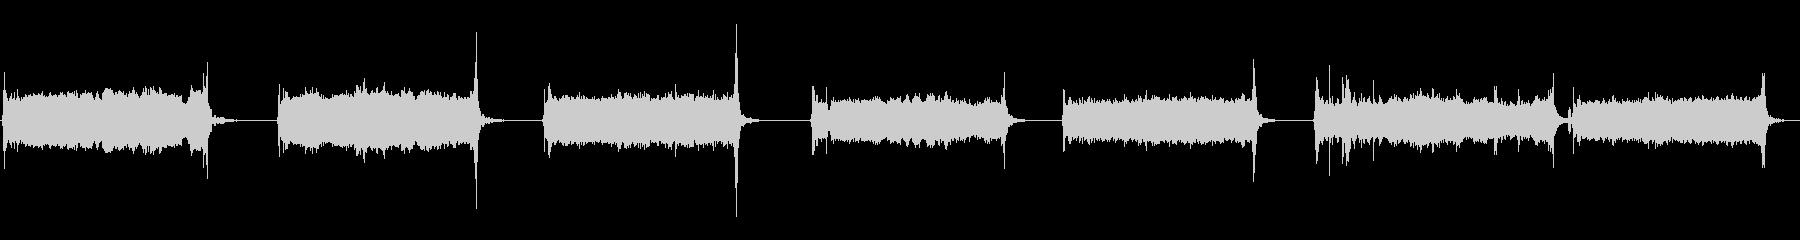 1984ビュイックセンチュリー:パ...の未再生の波形